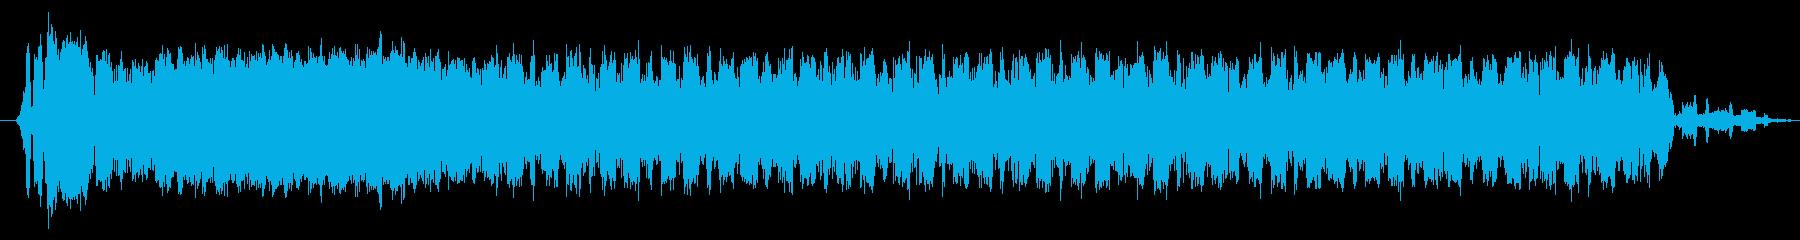 素材 Sci Fiのうねりの進化03の再生済みの波形